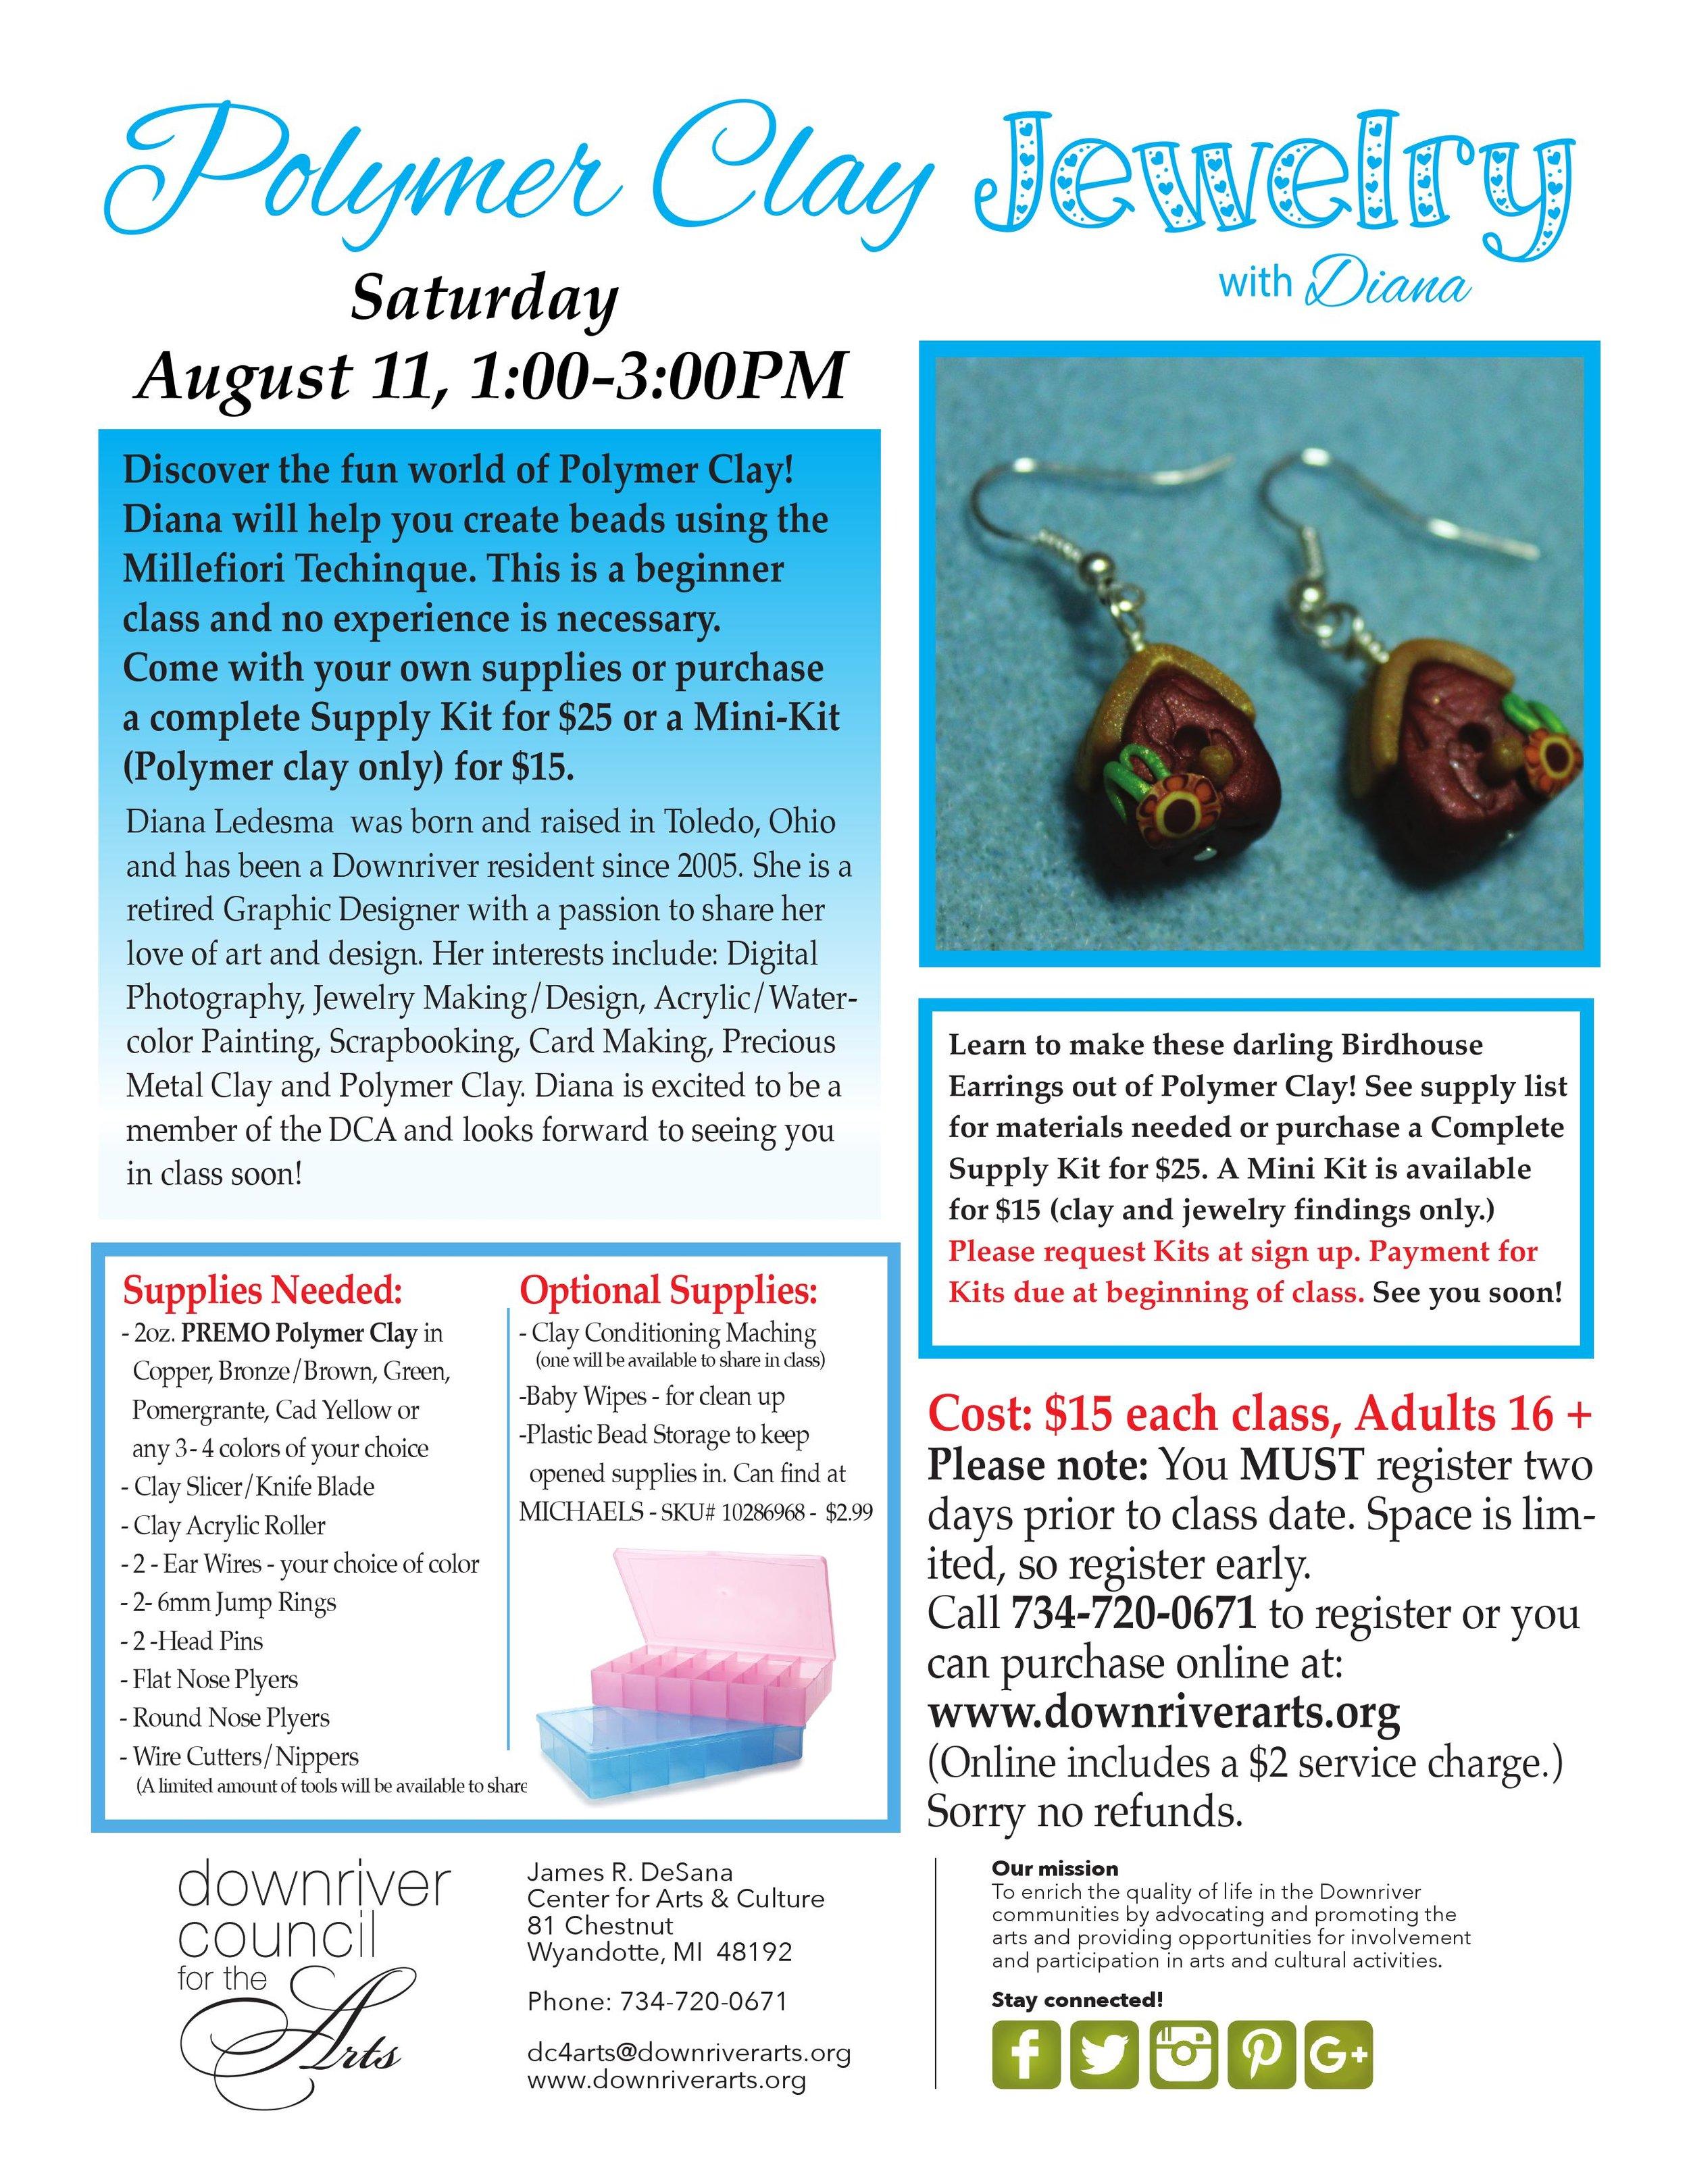 Birdhouse Earrings flyer.jpg